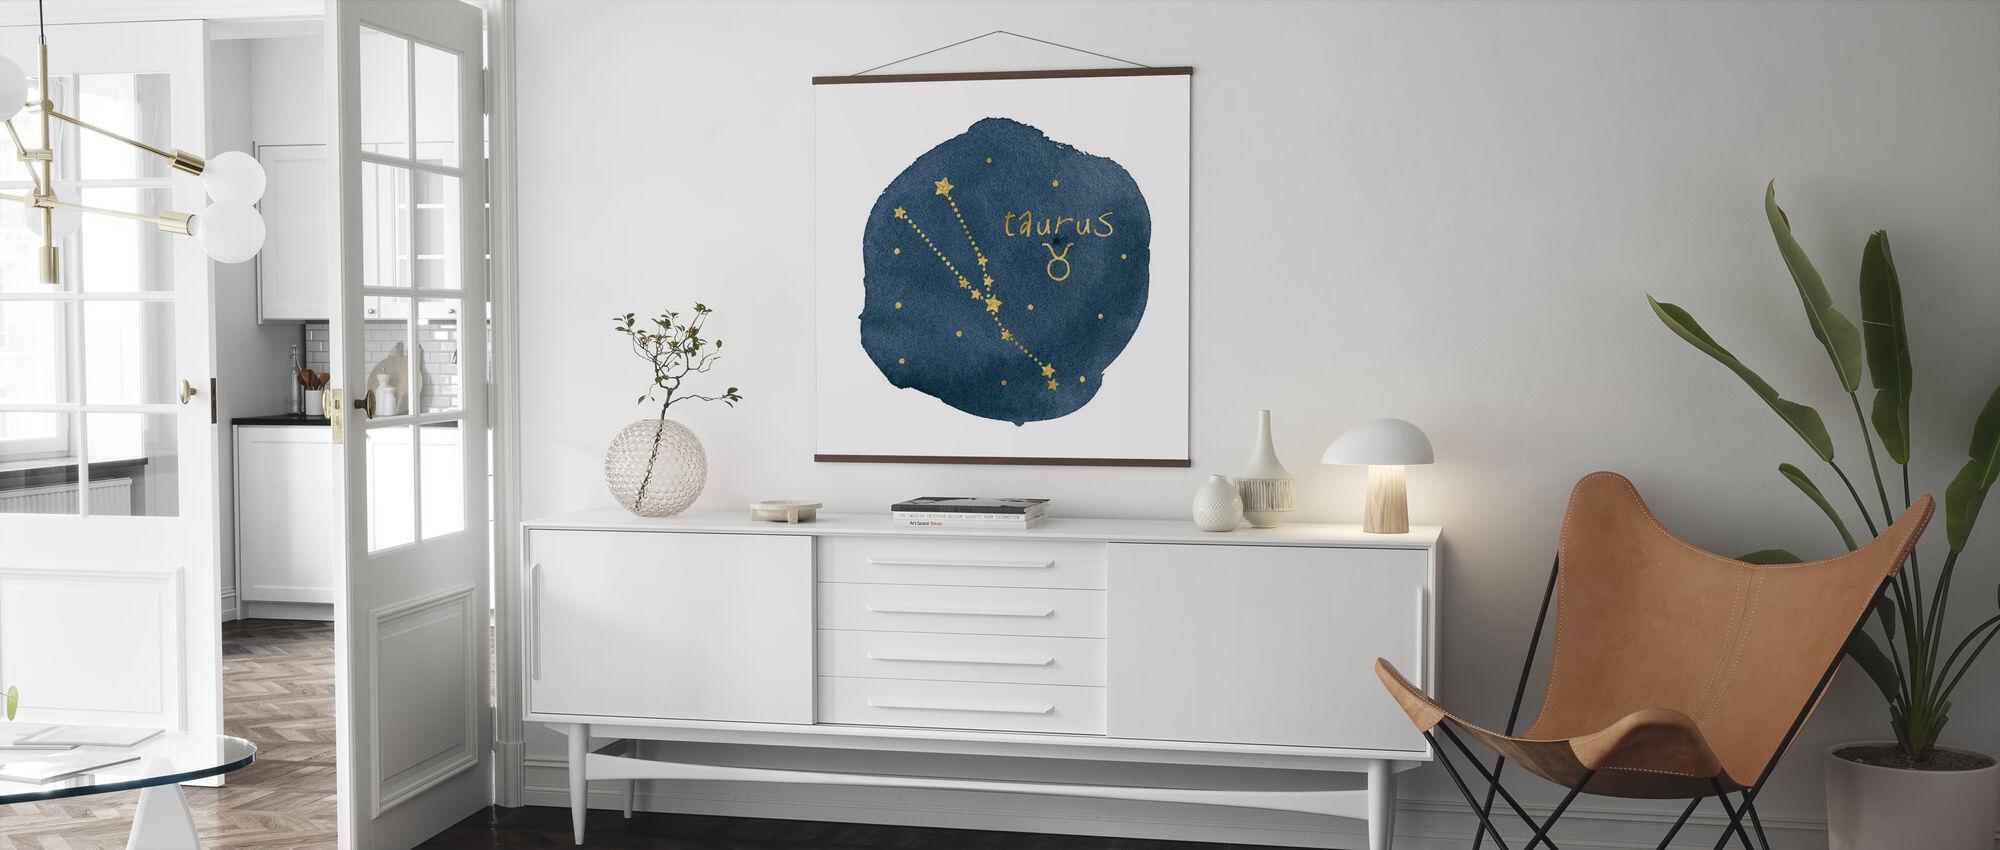 Horoskop Oxen - Poster - Vardagsrum